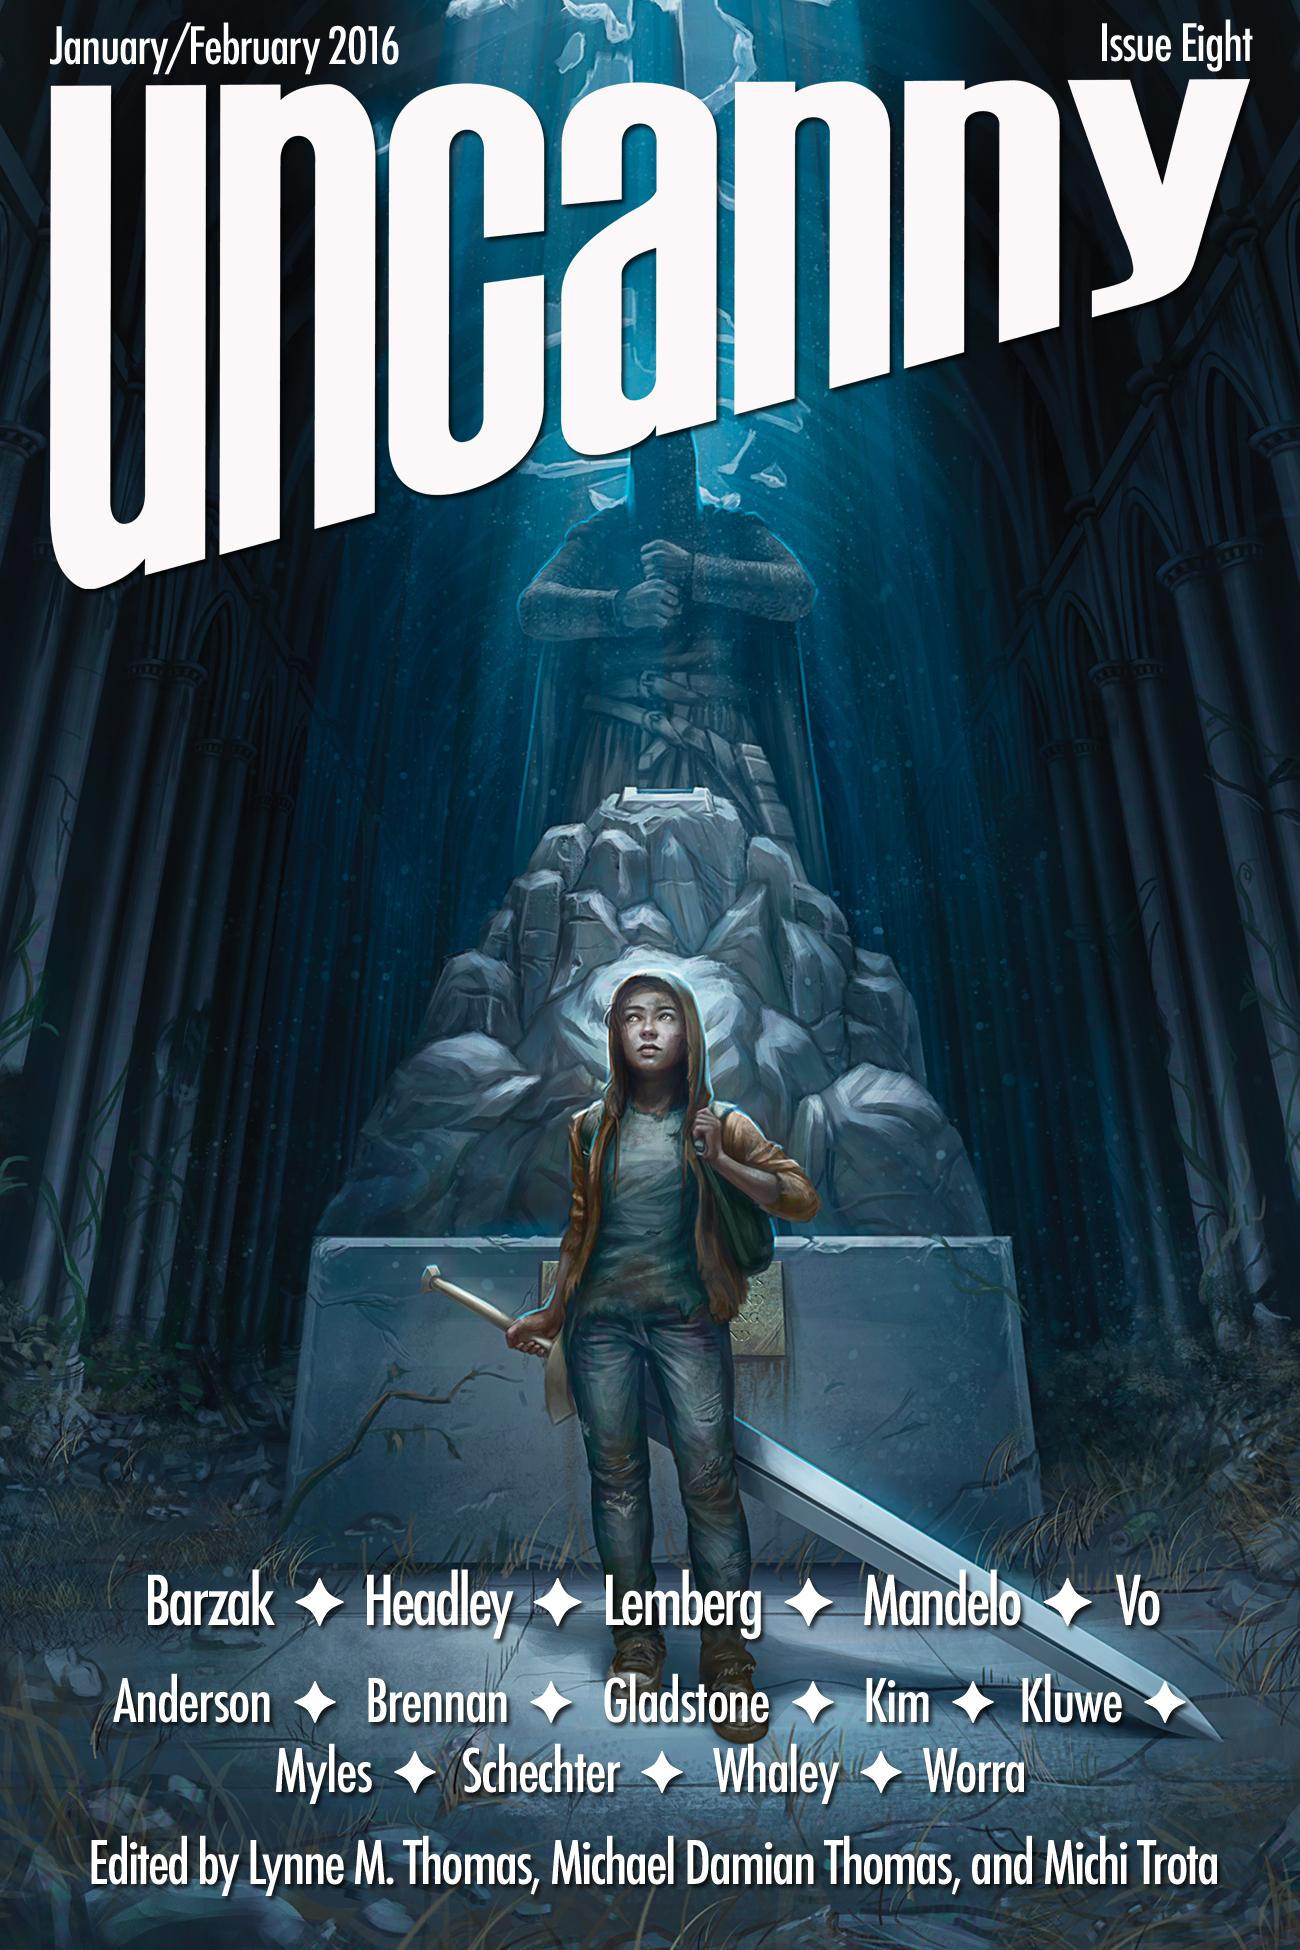 Uncanny Magazine Issue 8: January/February 2016 by Michael Damian Thomas, Lynne M. Thomas, Michi Trota